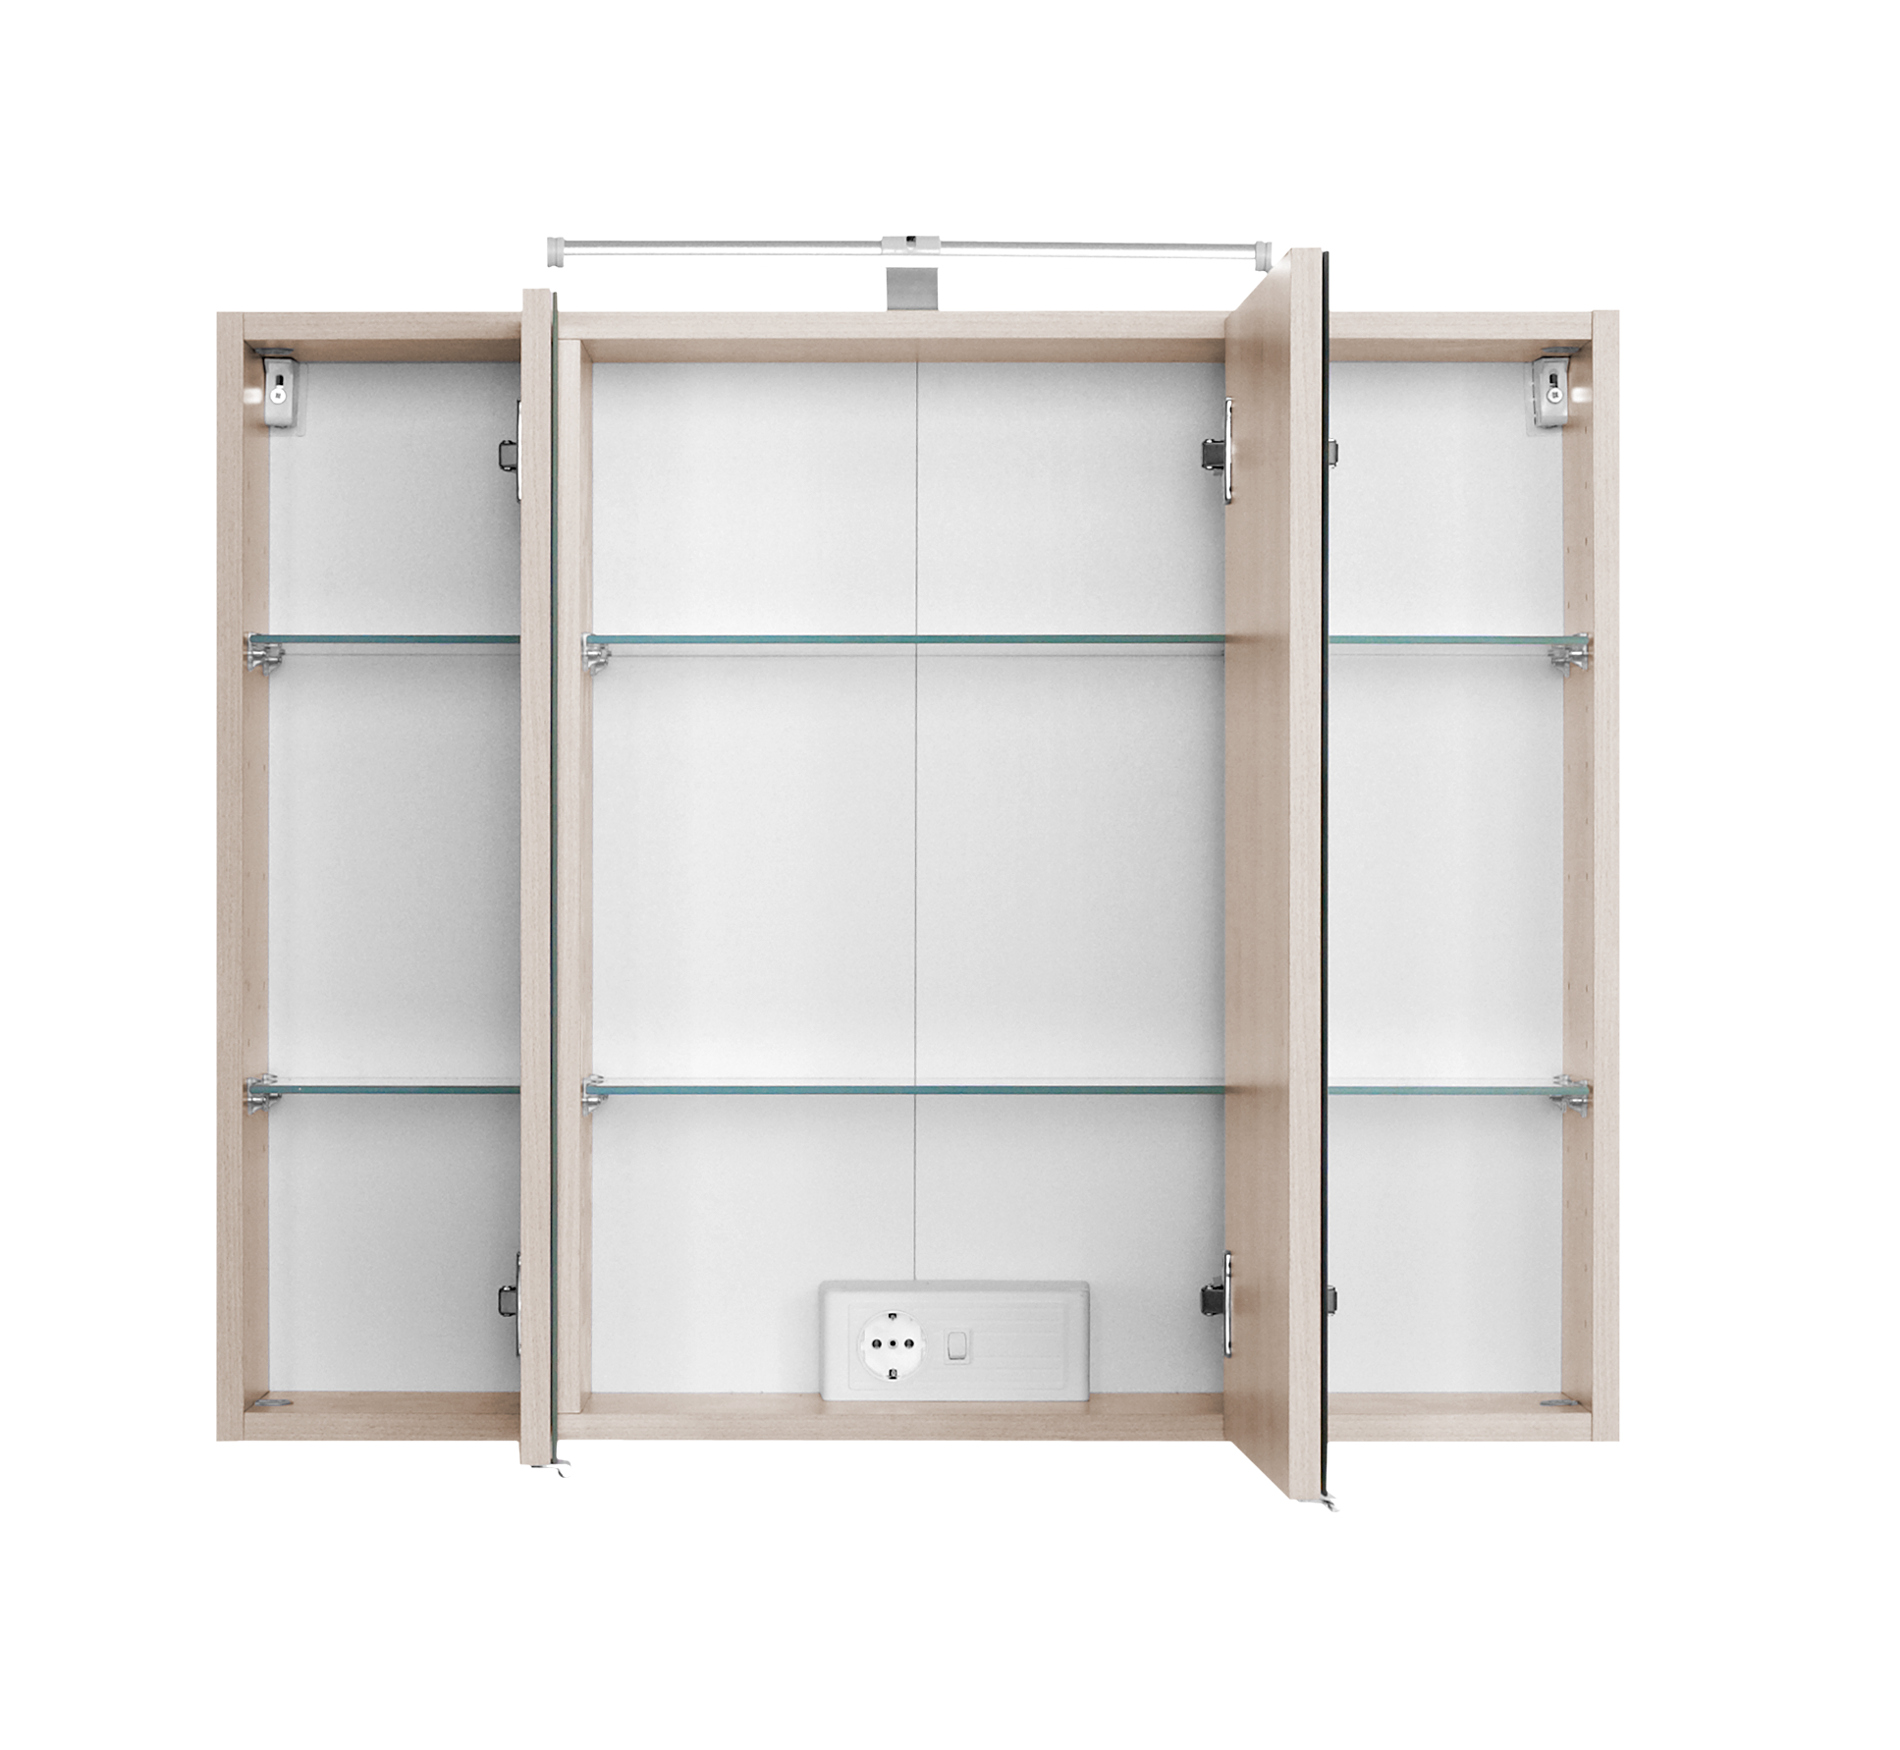 badezimmer 3d spiegelschrank badspiegel mit led aufbauleuchte 3 t ren 80cm buche ebay. Black Bedroom Furniture Sets. Home Design Ideas